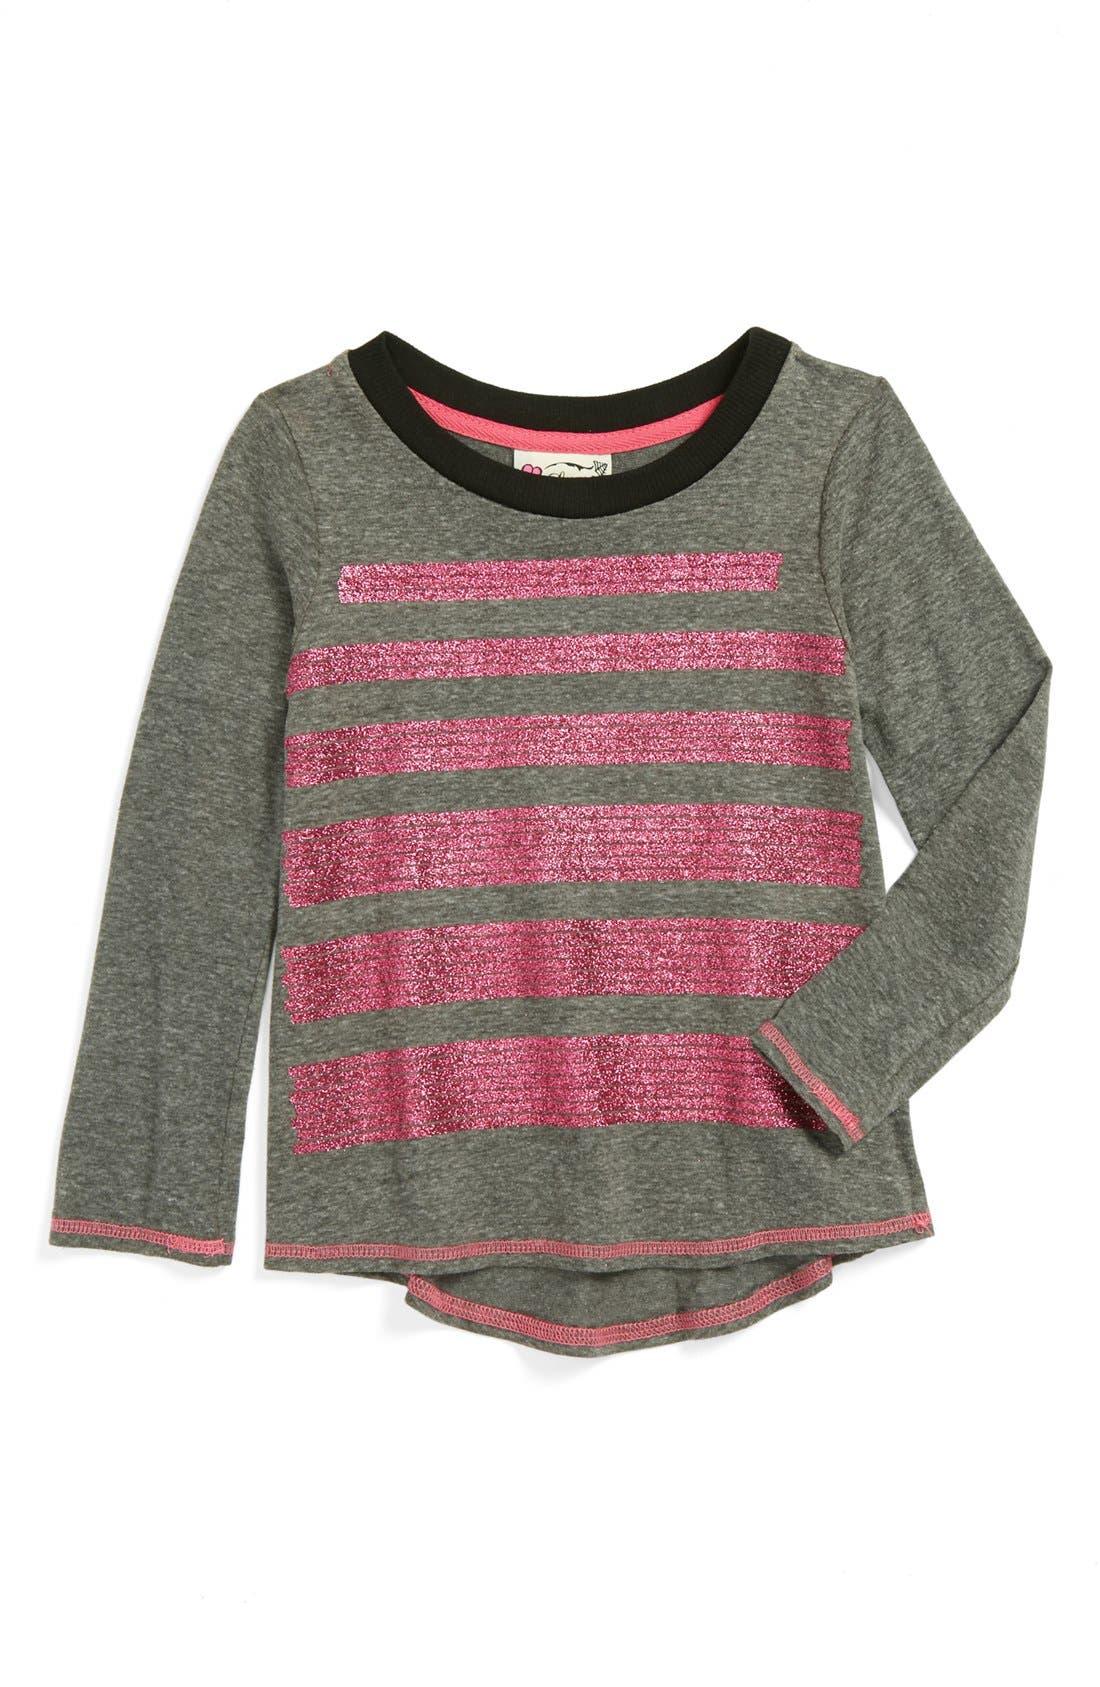 Alternate Image 1 Selected - Little Pretties Glitter Stripe Tee (Toddler Girls)